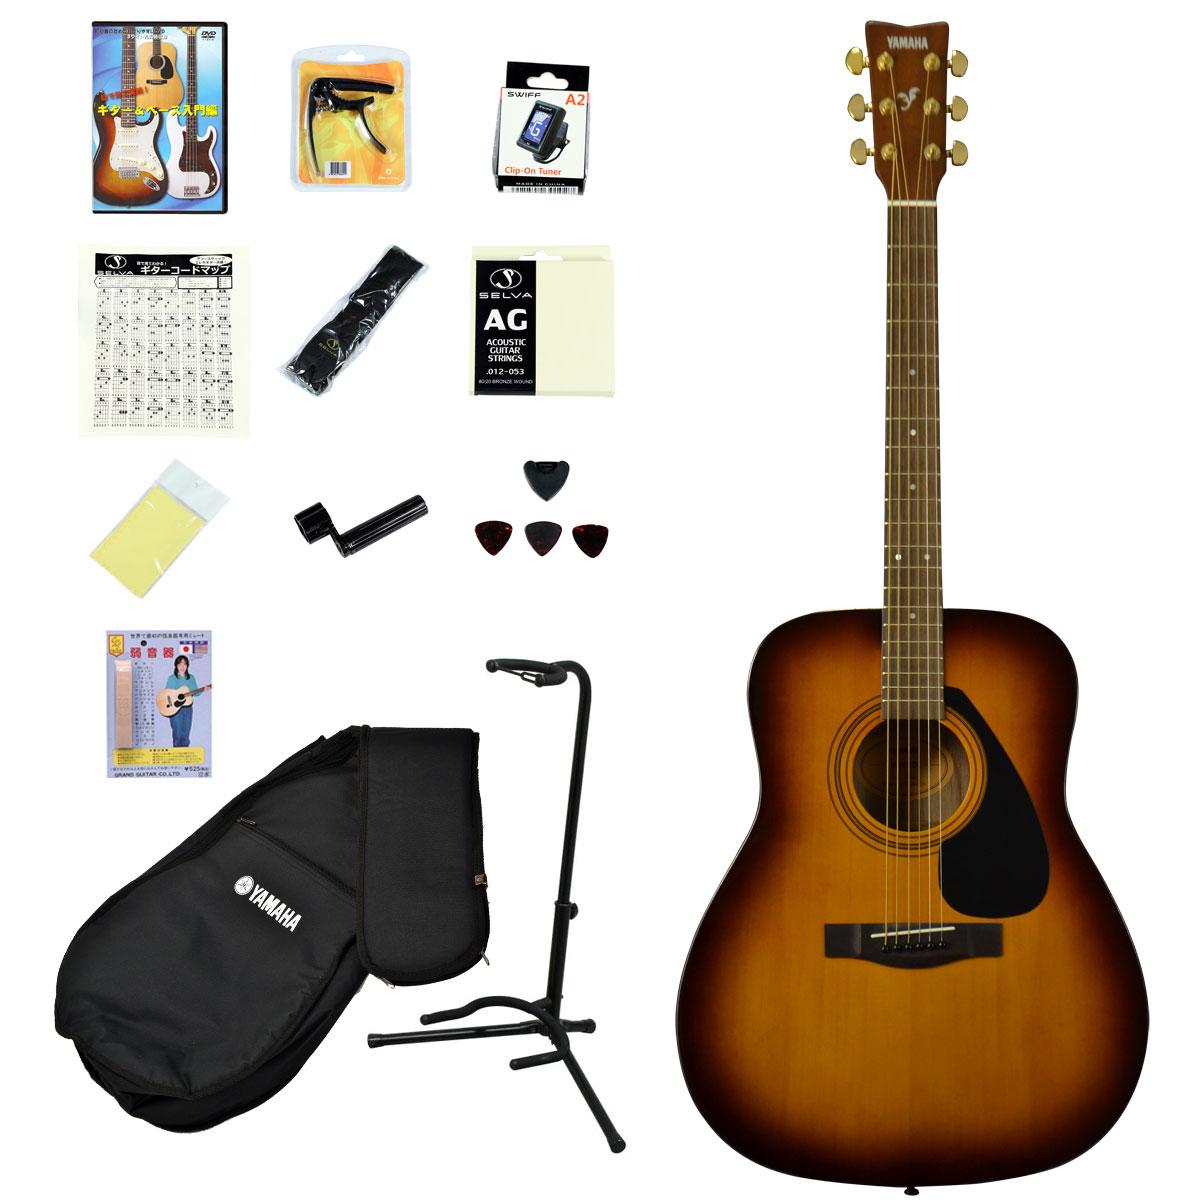 YAMAHA / F315D TBS(タバコブラウンサンバースト) 【アコースティックギター15点入門フルセット!】 ヤマハ アコギ フォークギター F-315D 入門 初心者